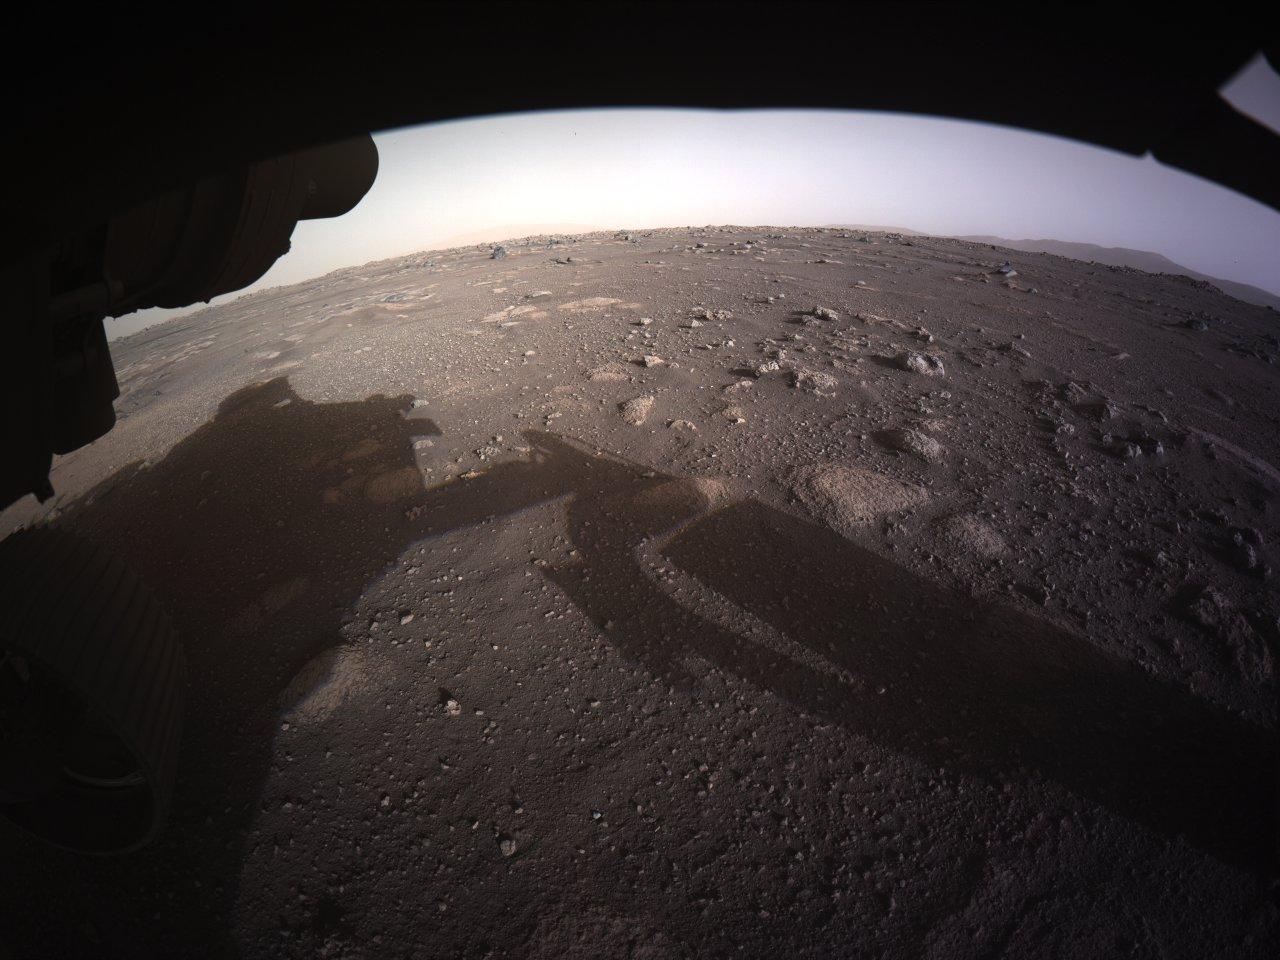 खगोल यात्रा : मङ्गल ग्रह पुगेर अमेरिकी रोवर 'मख्ख छ'